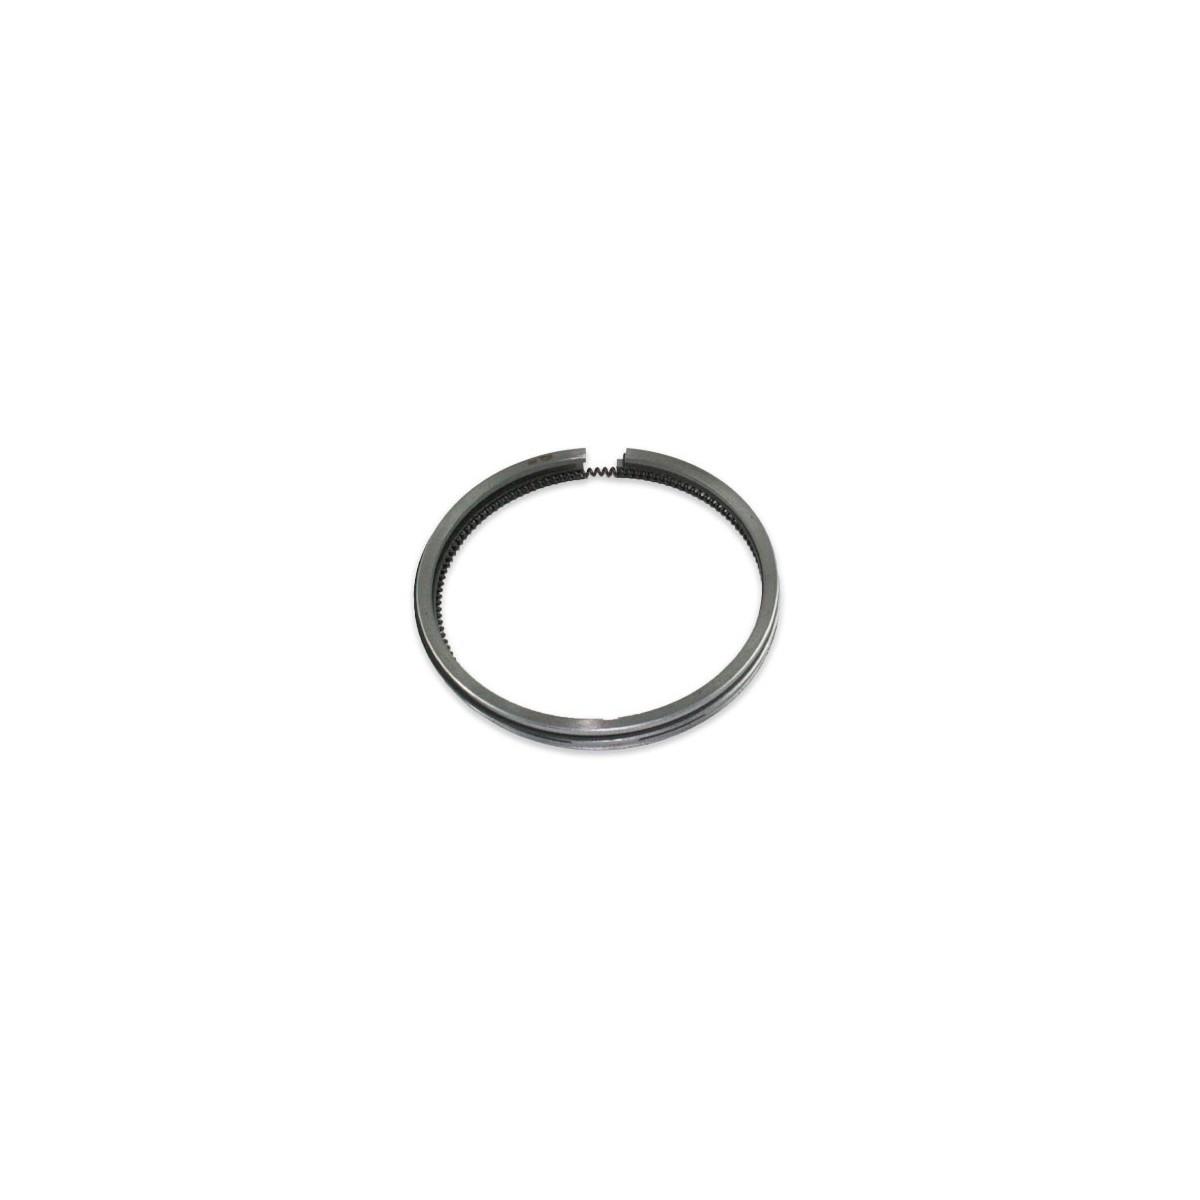 Zestaw pierścieni do tłoka Kubota D950  B1702 75mm